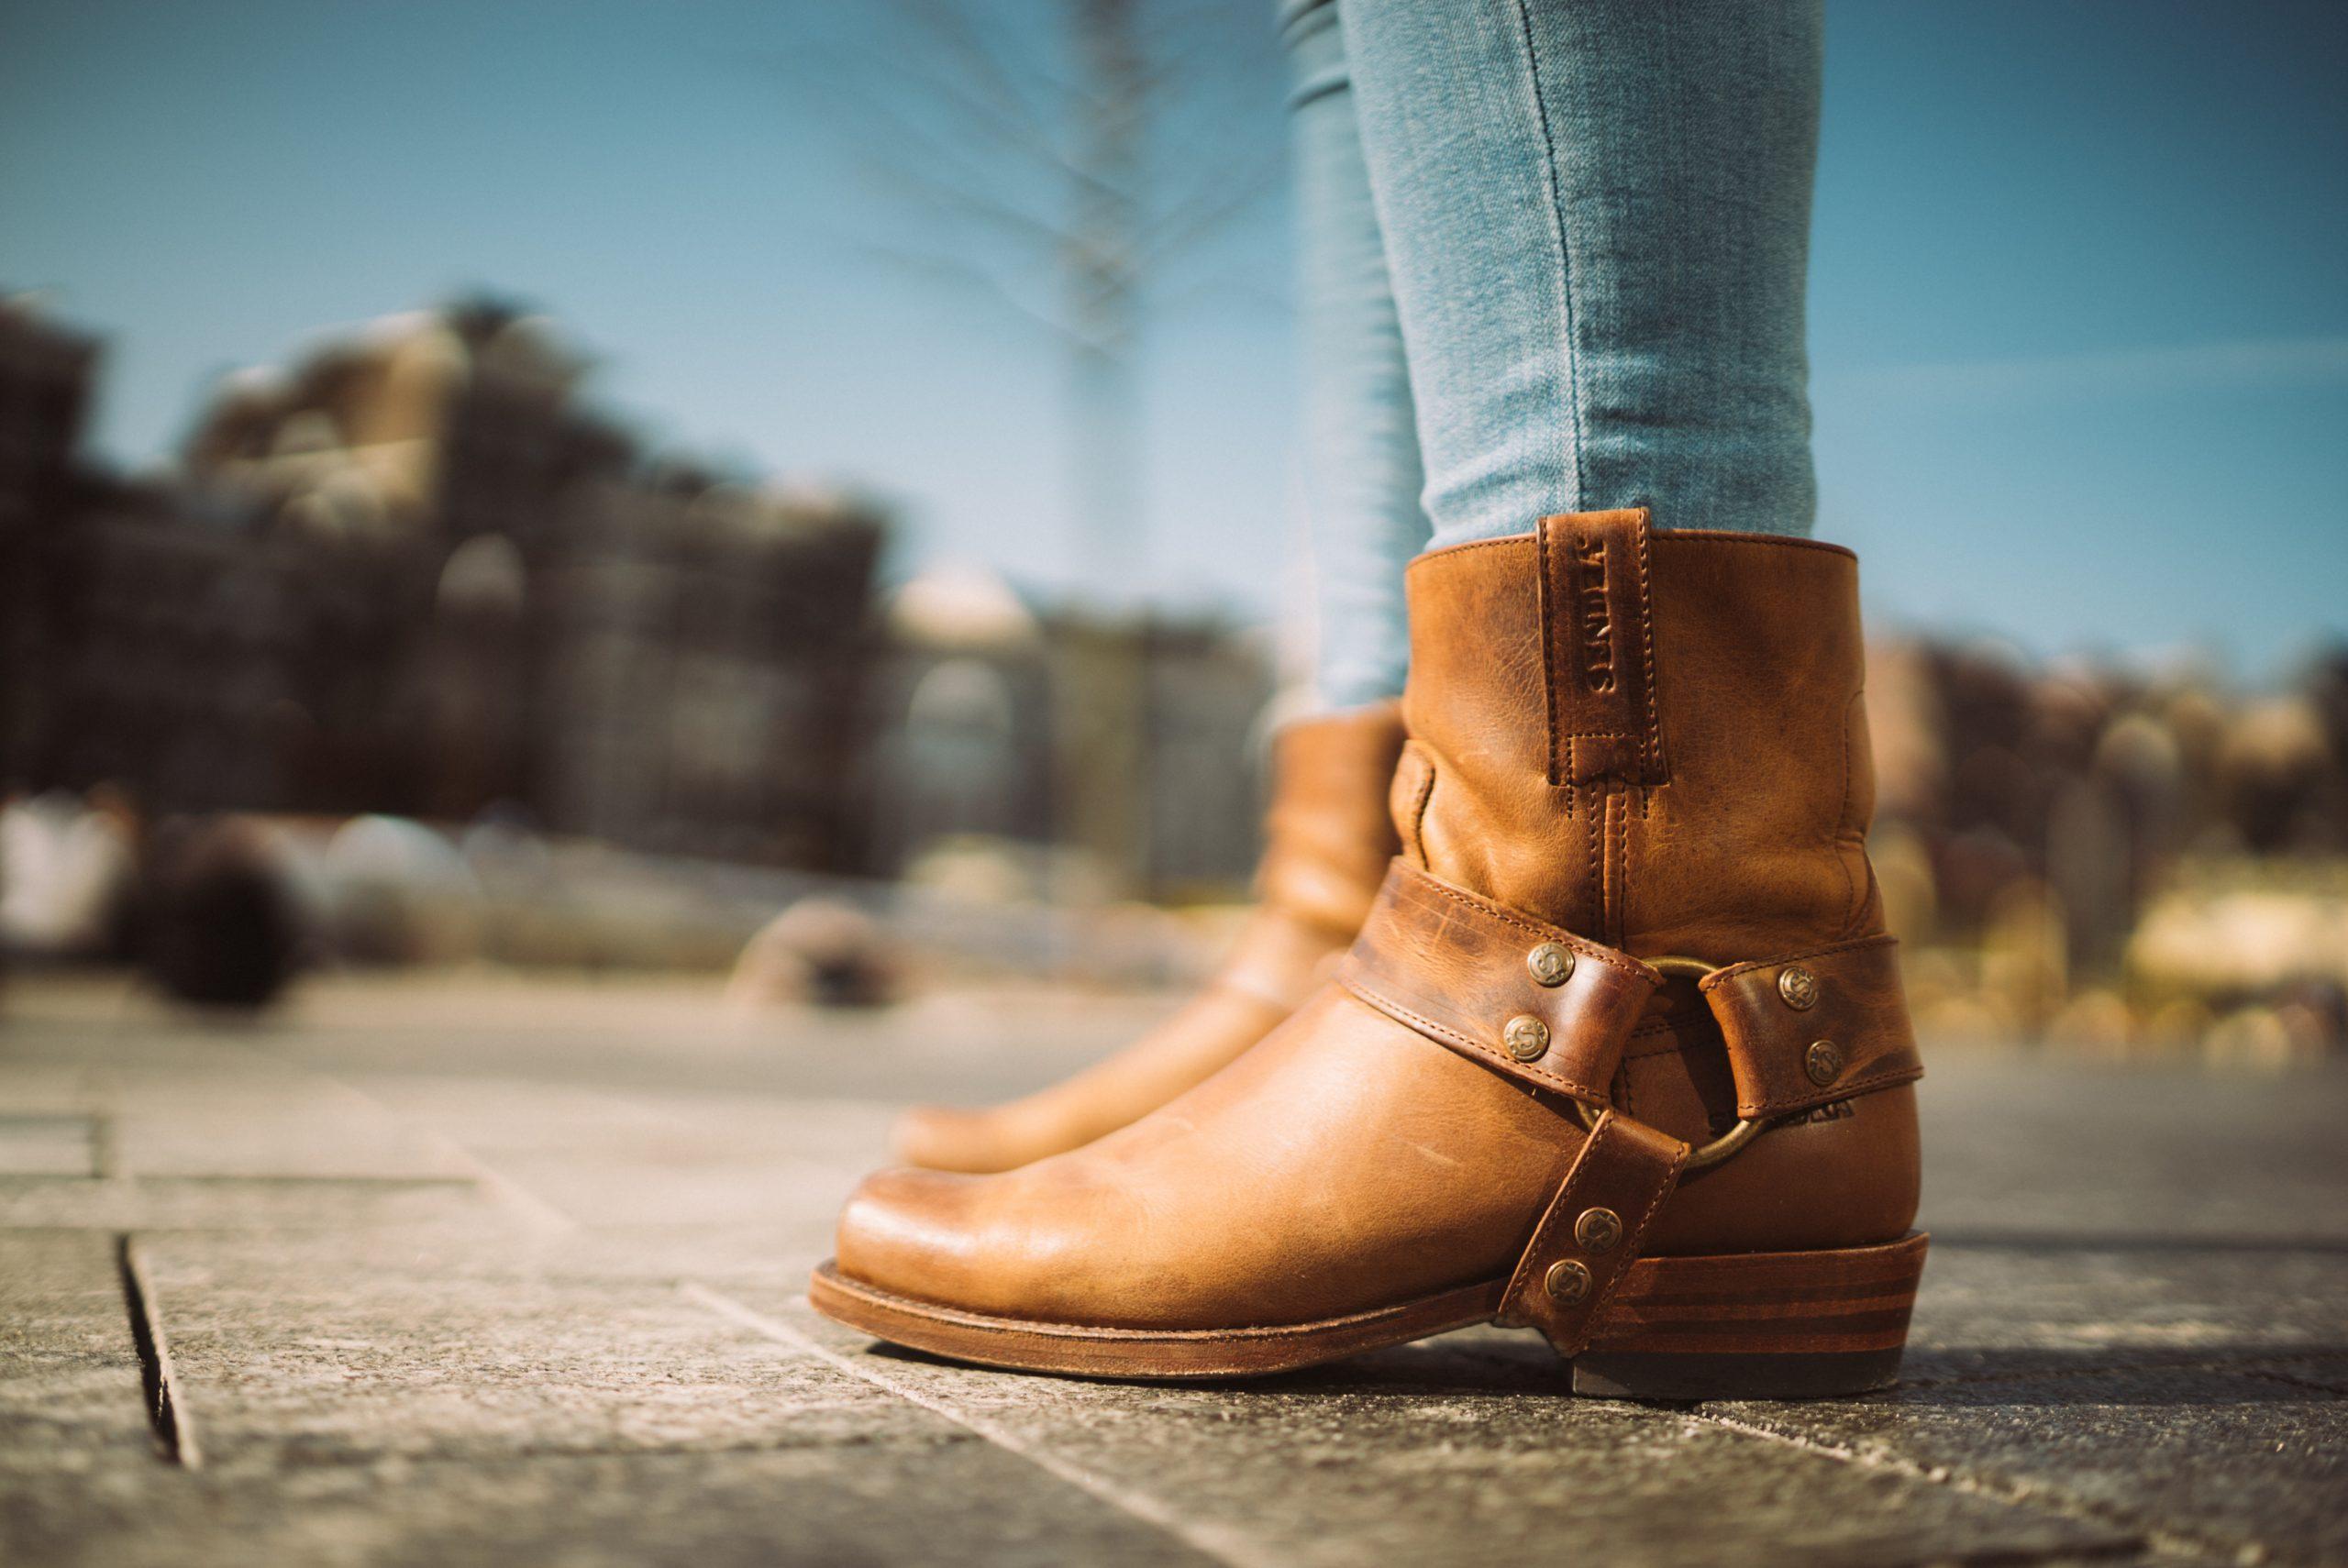 Weetikveel schoen (31 van 31)